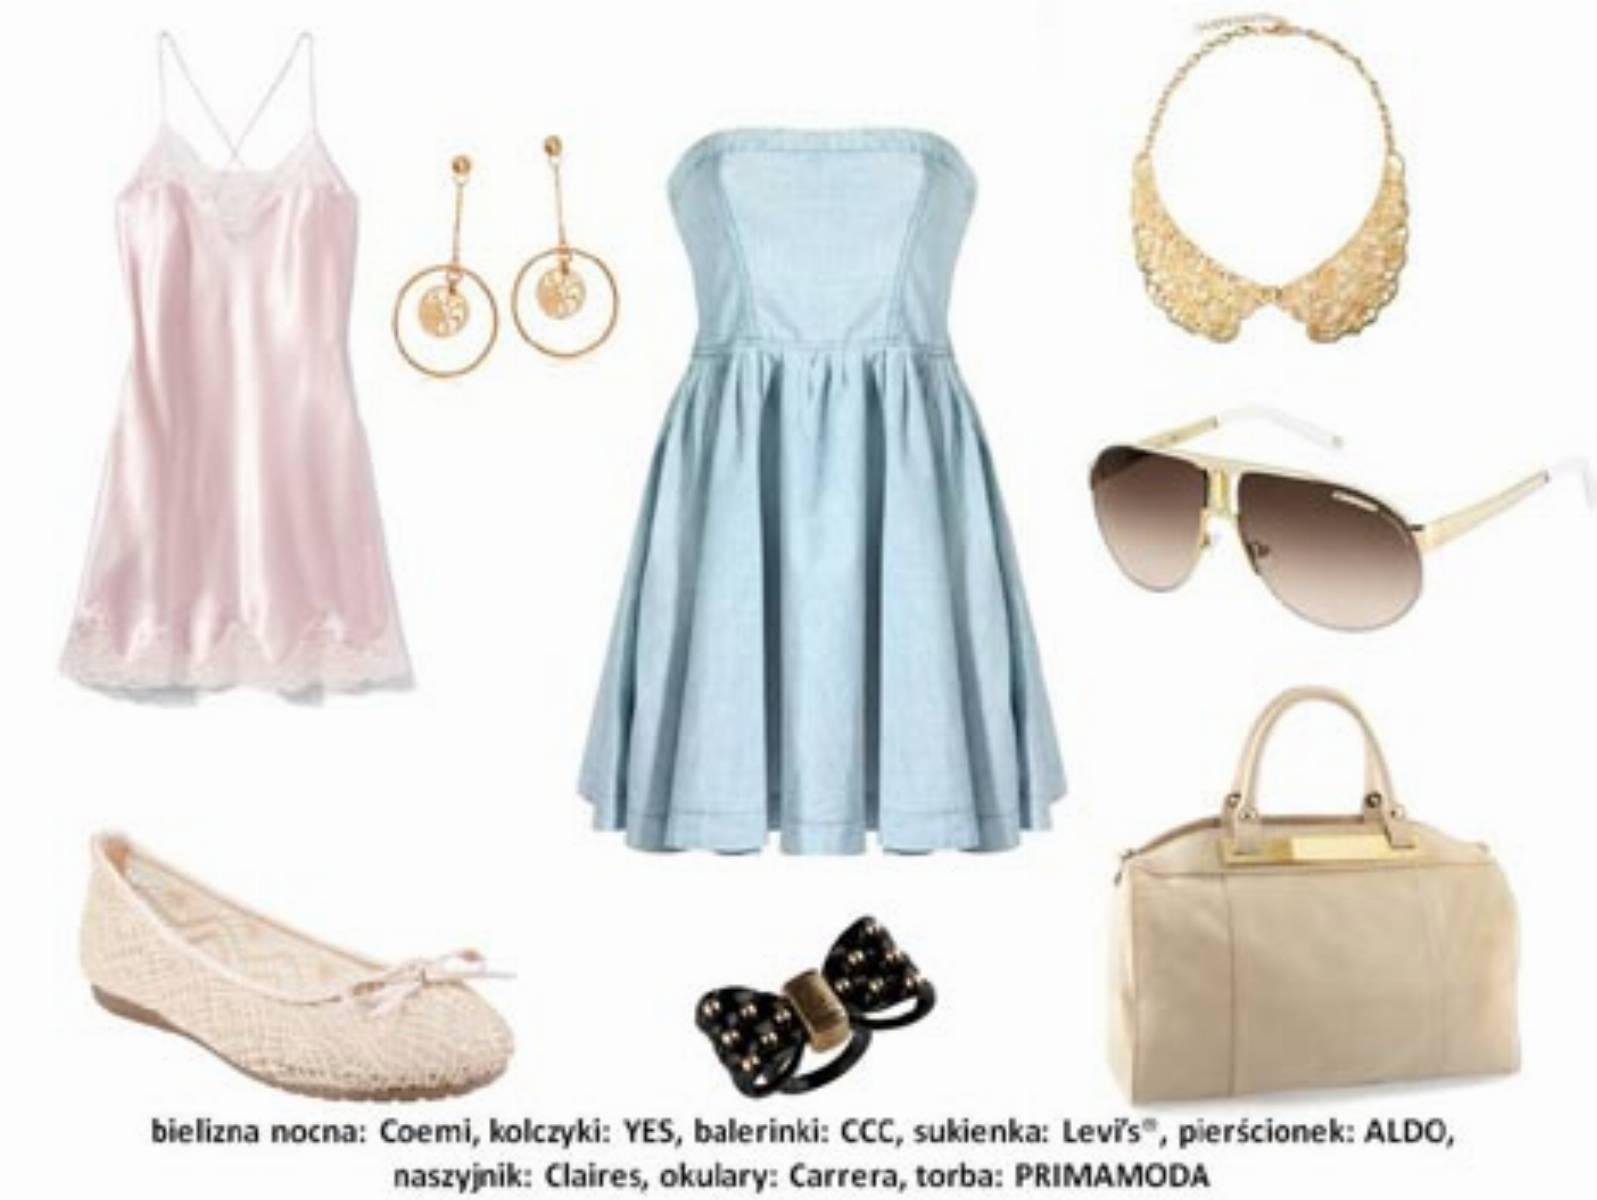 Moda na koronki - stylizacja (3)